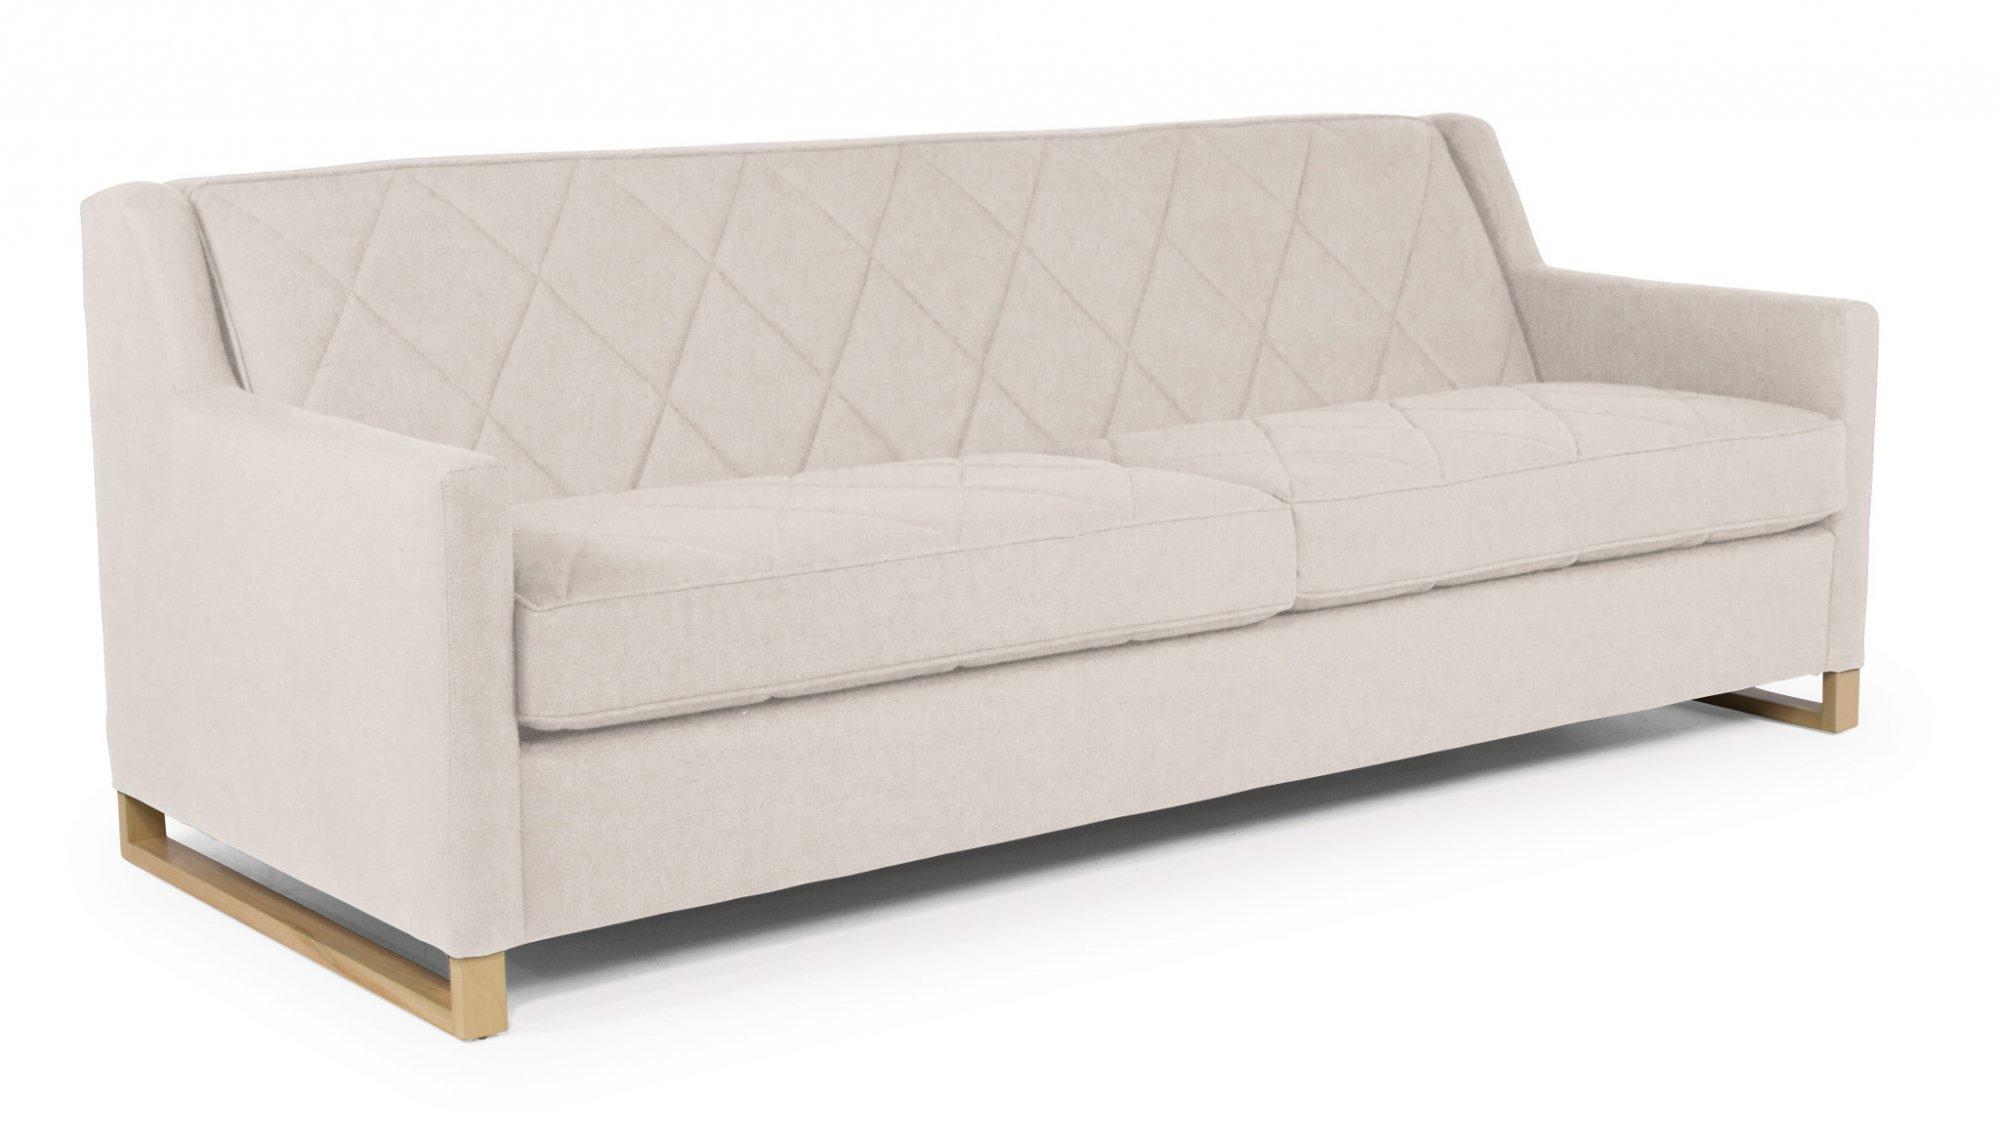 Sofa Bunk Futon Bunk Bed Sofa Couches Sofa Bunk Bed